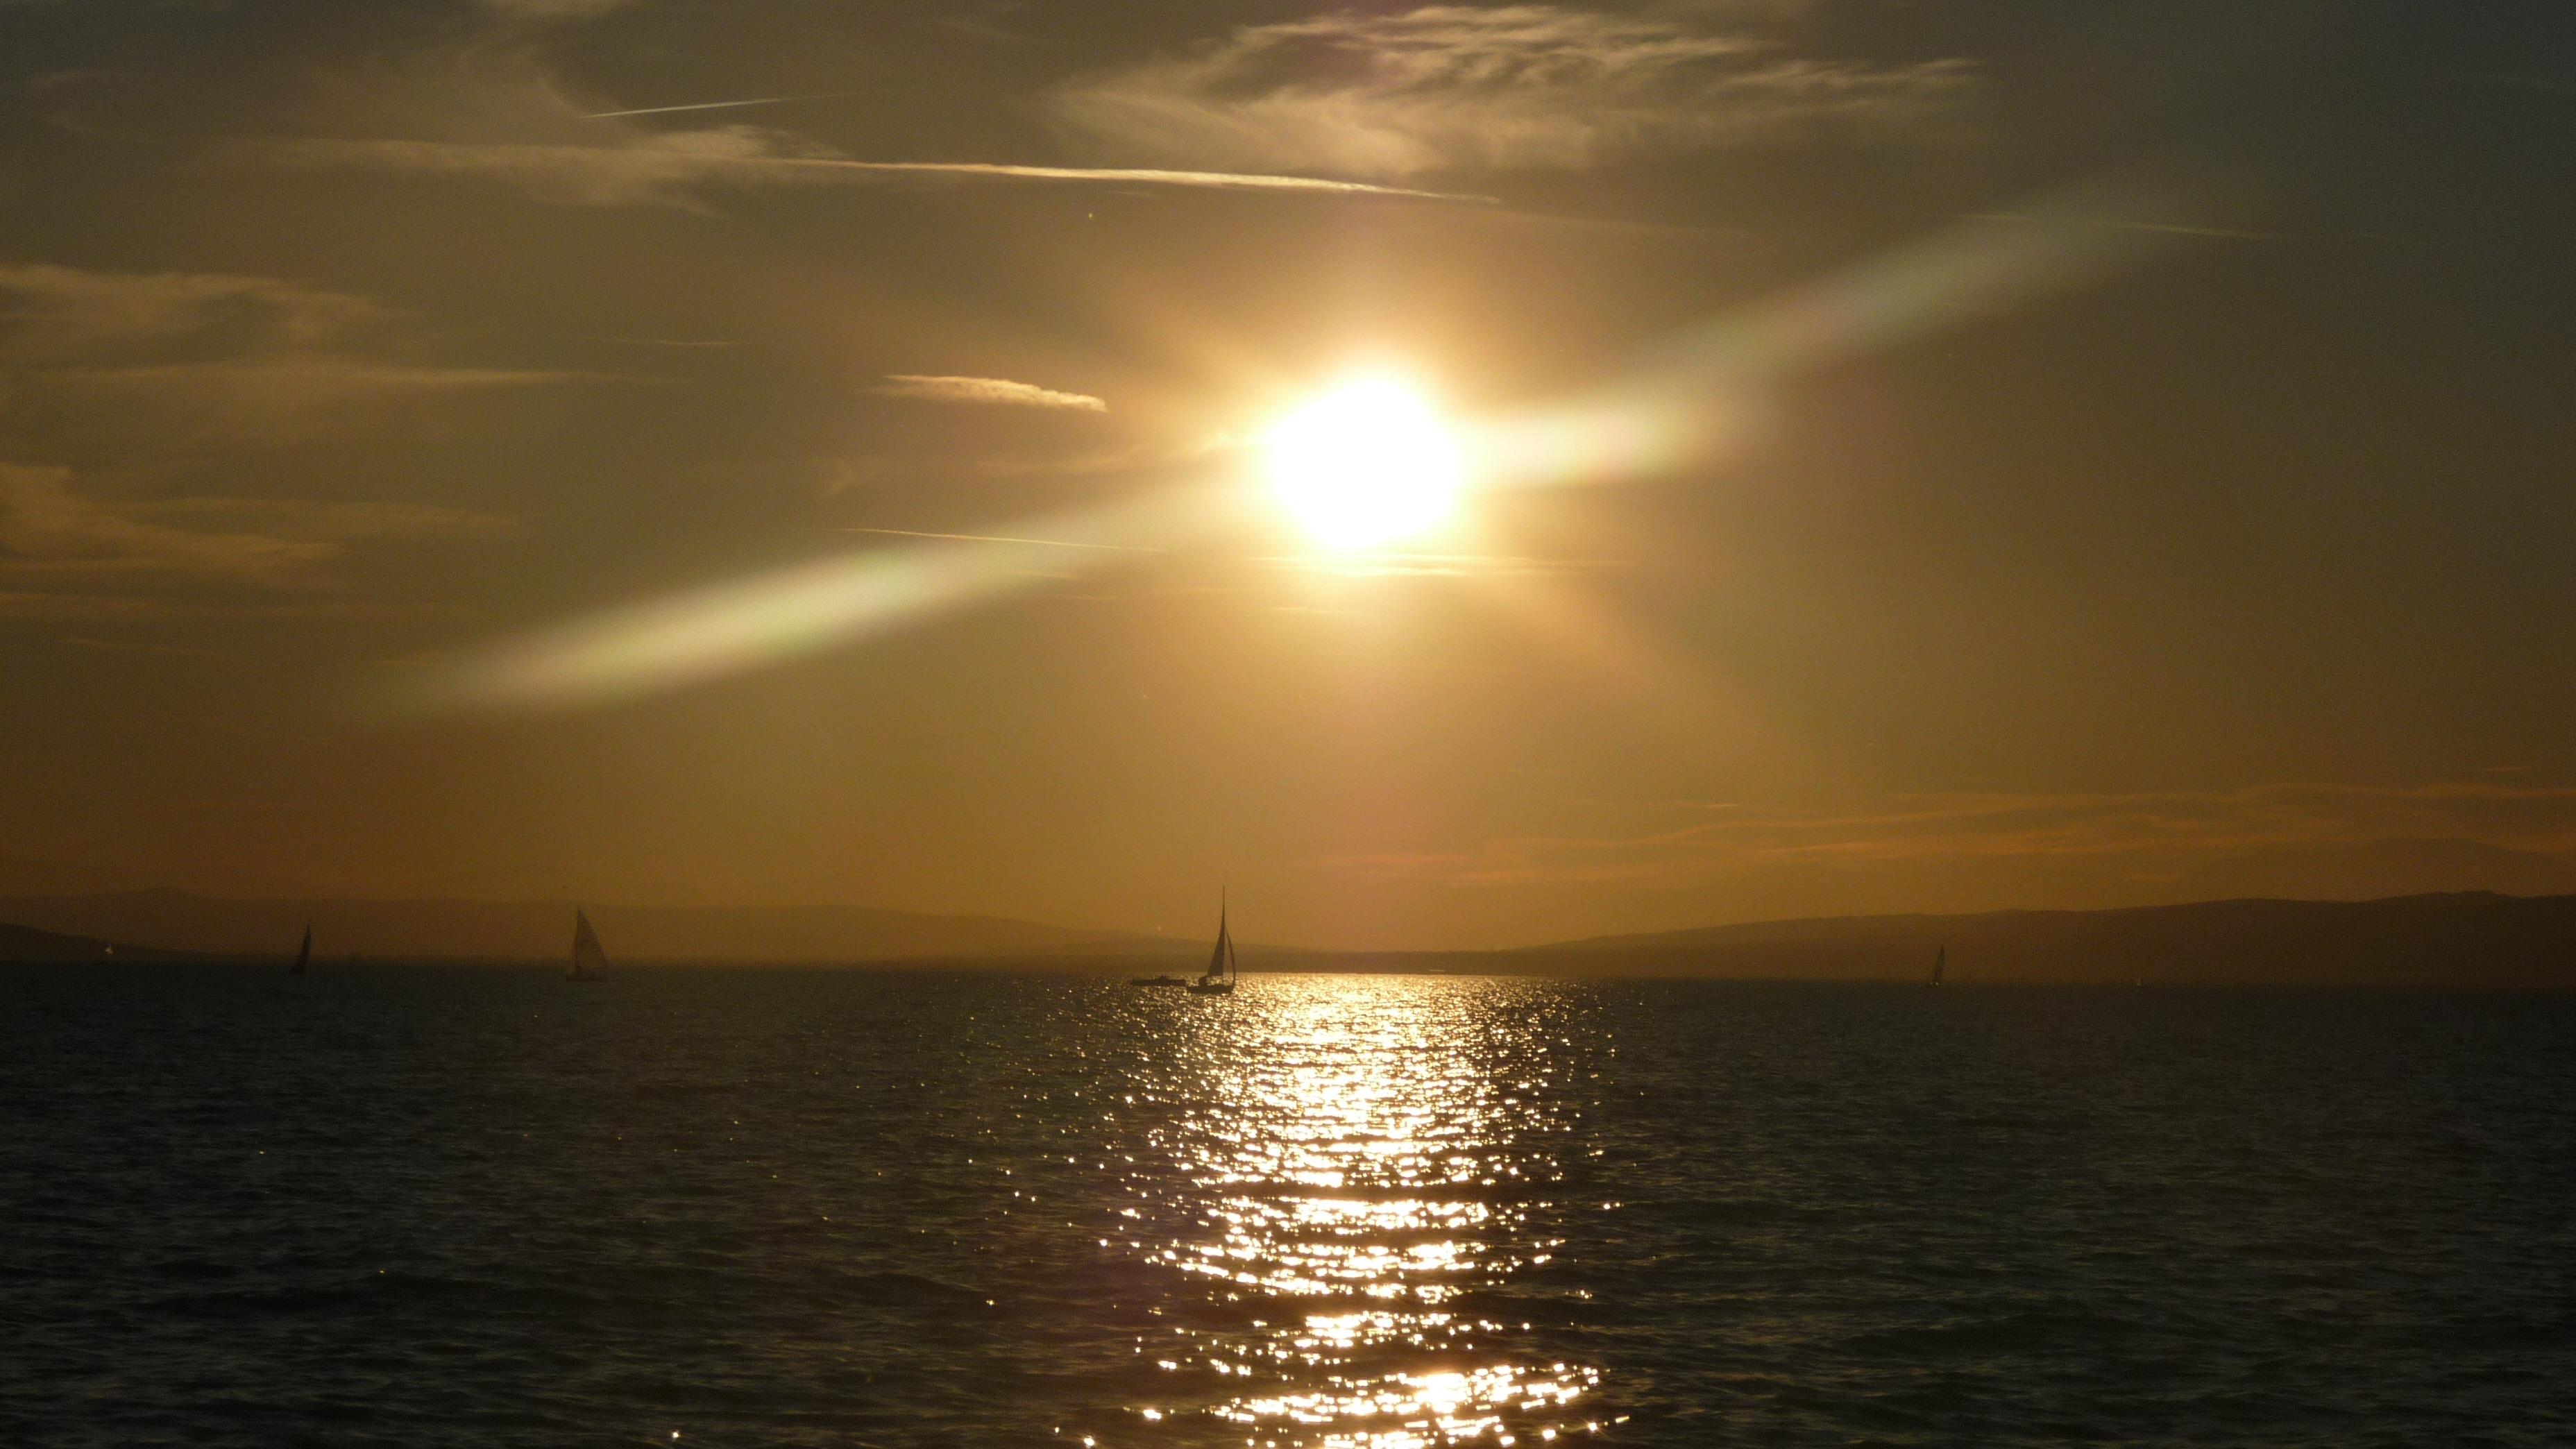 фото на заходящем солнце александра смогла